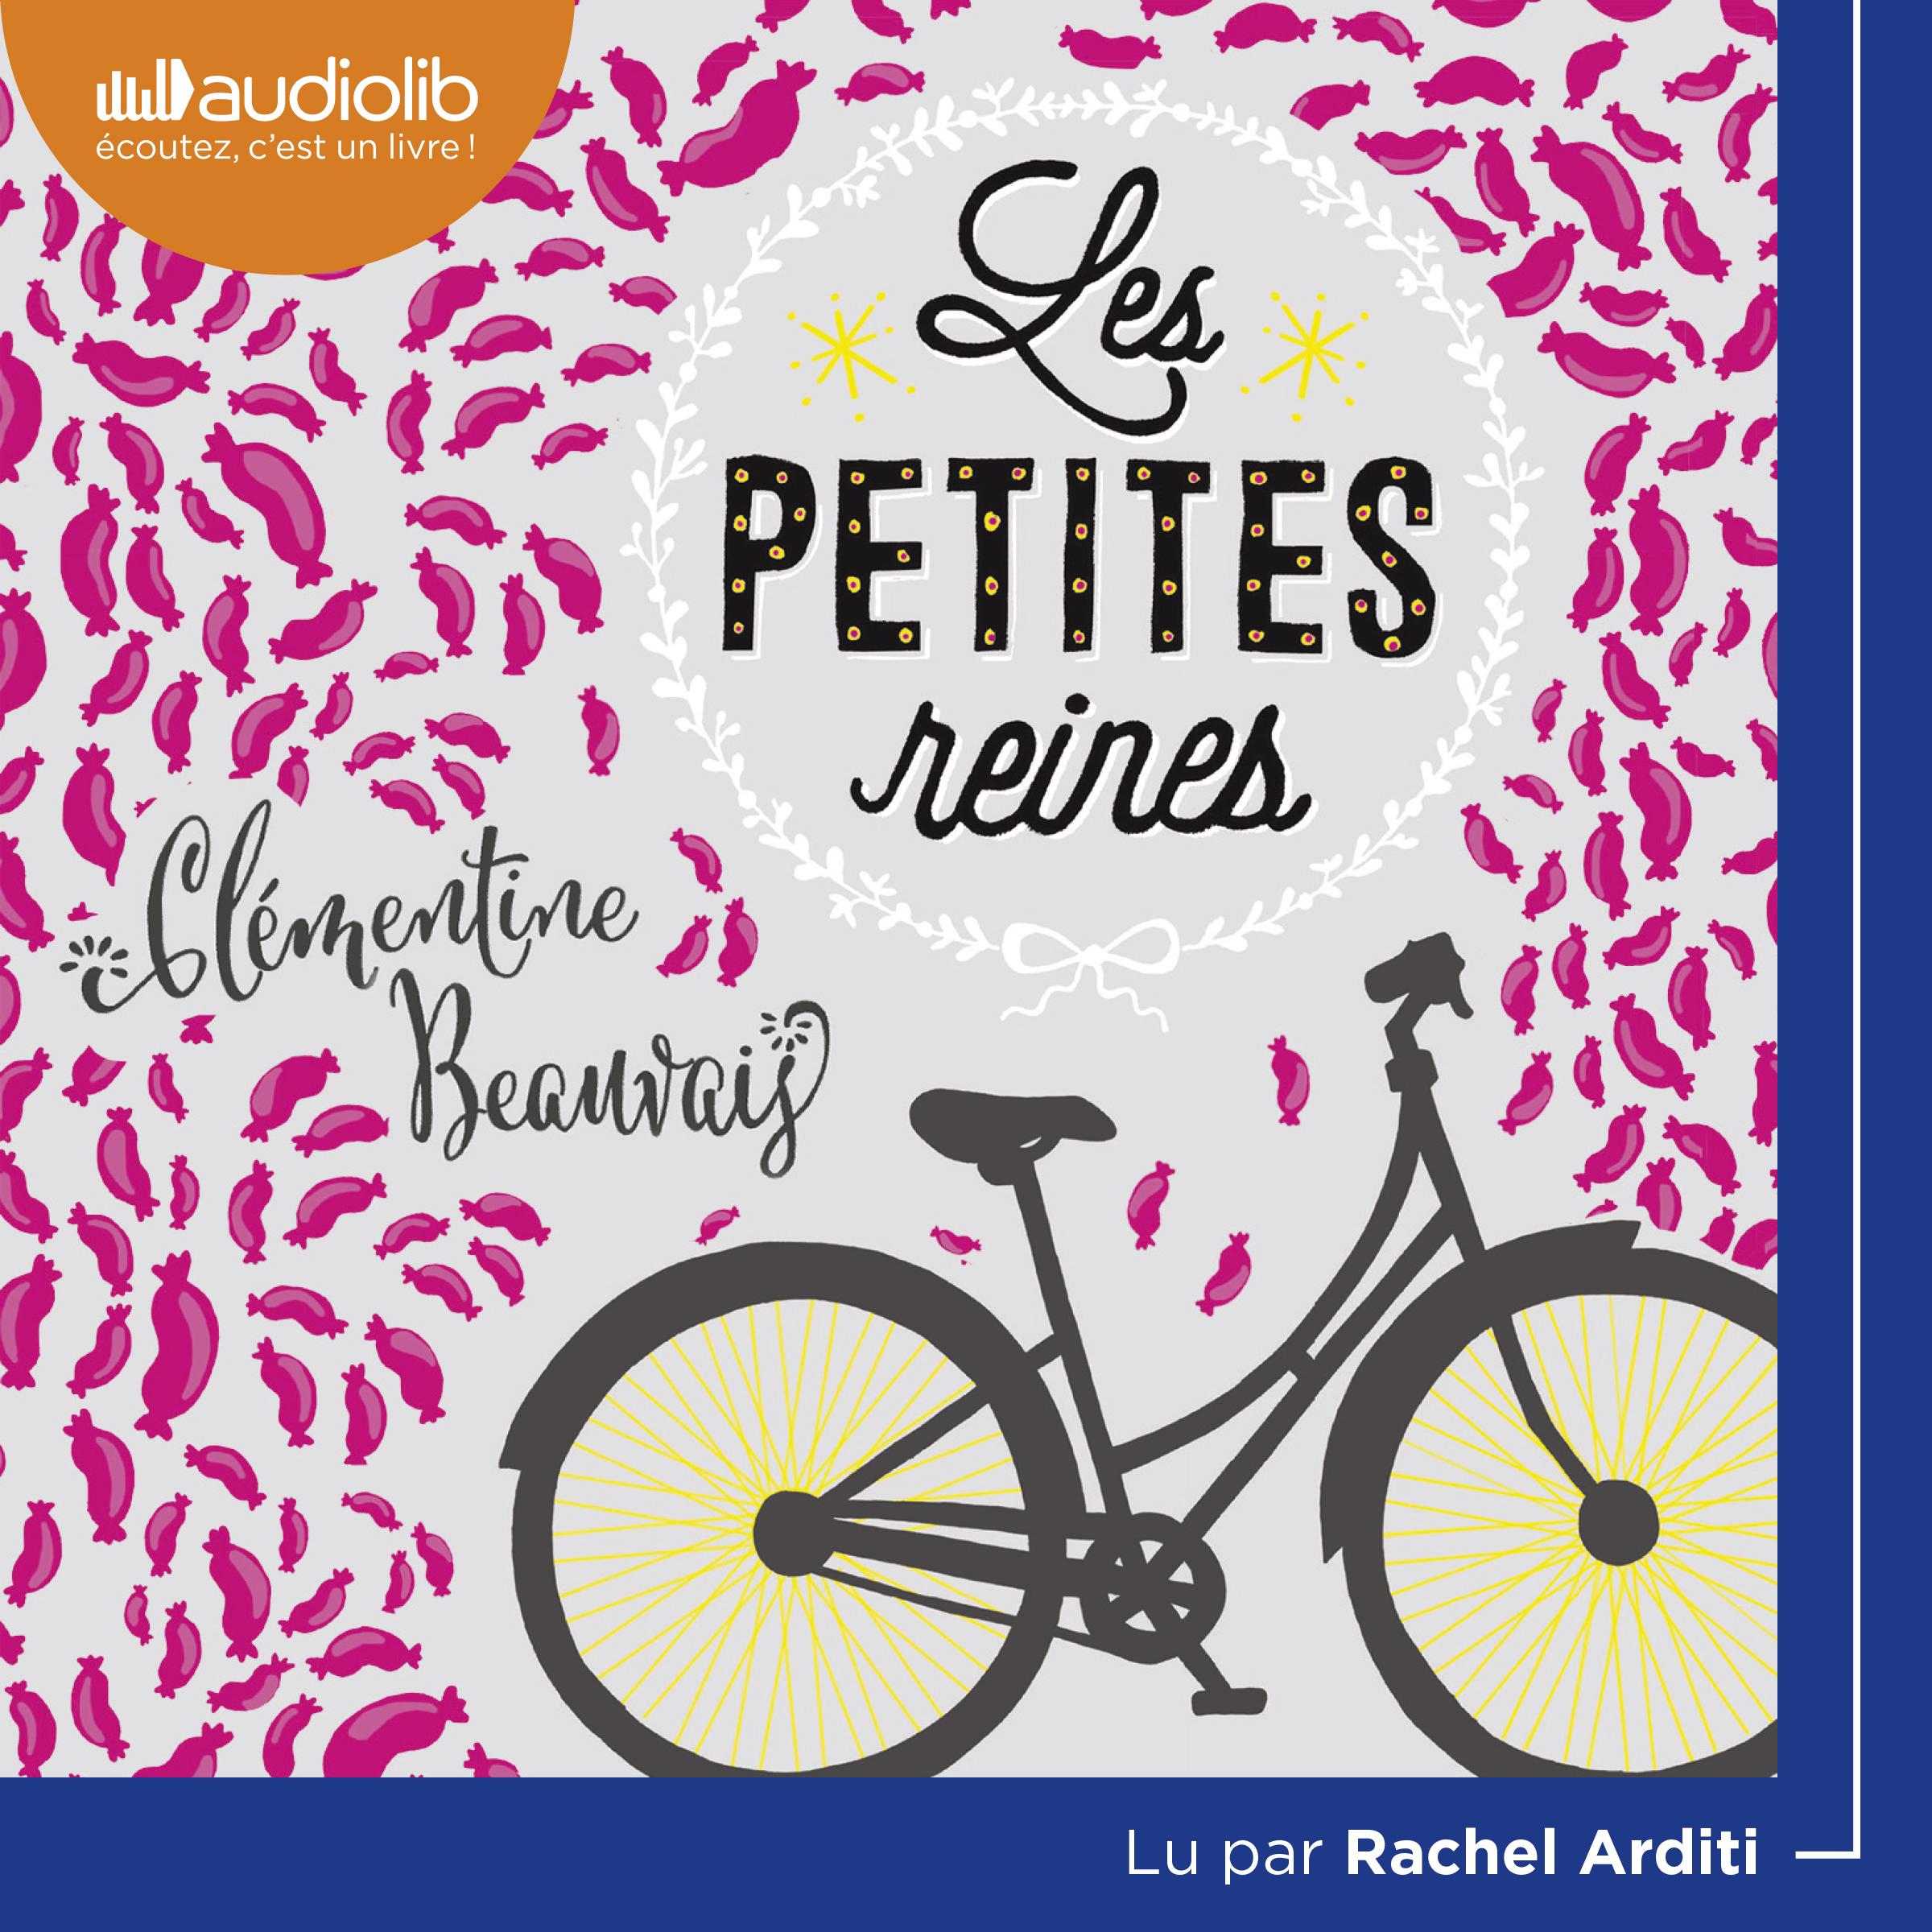 Les Petites Reines | Beauvais, Clémentine. Auteur